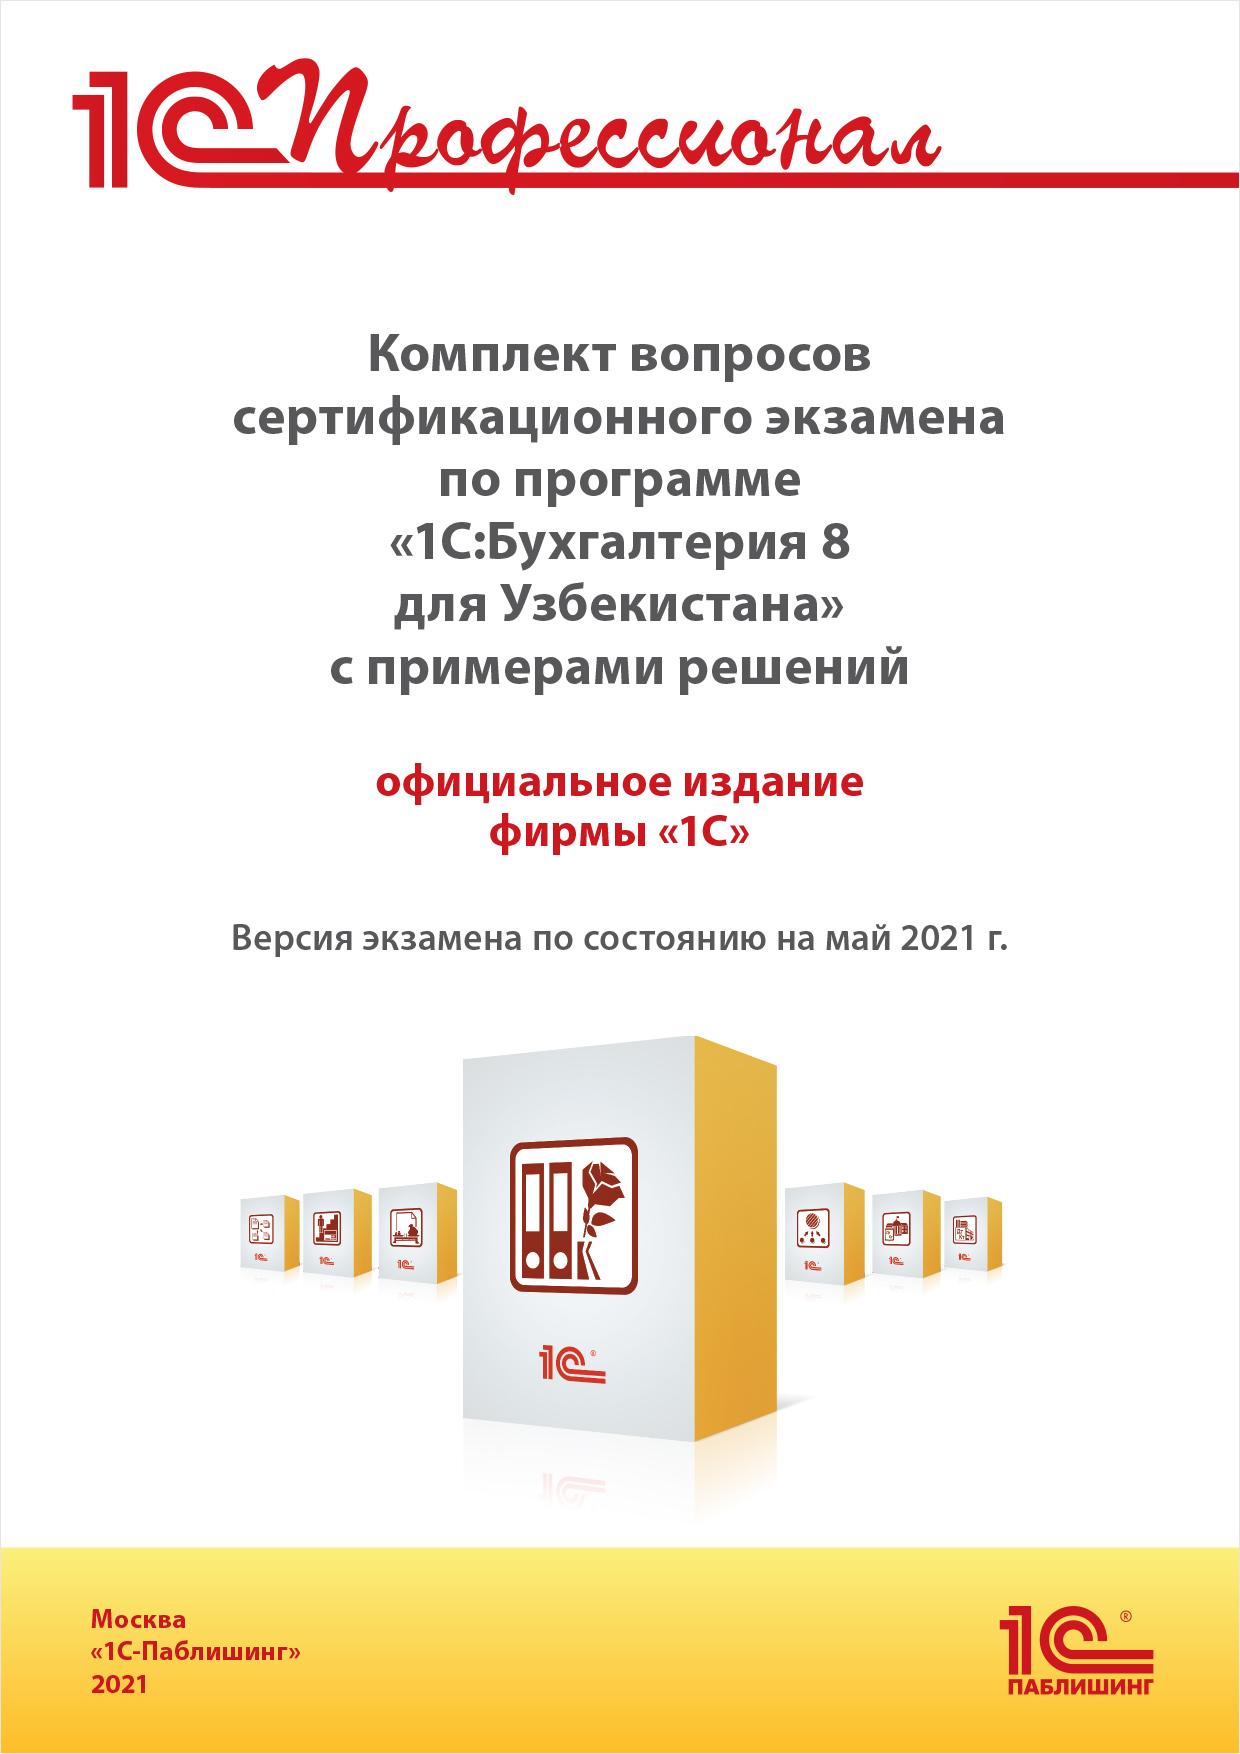 Комплект вопросов сертификационного экзамена «1С:Профессионал» по программе «1С:Бухгалтерия 8 для Узбекистана» с примерами решений, май. 2021 [цифровая версия] (Цифровая версия)